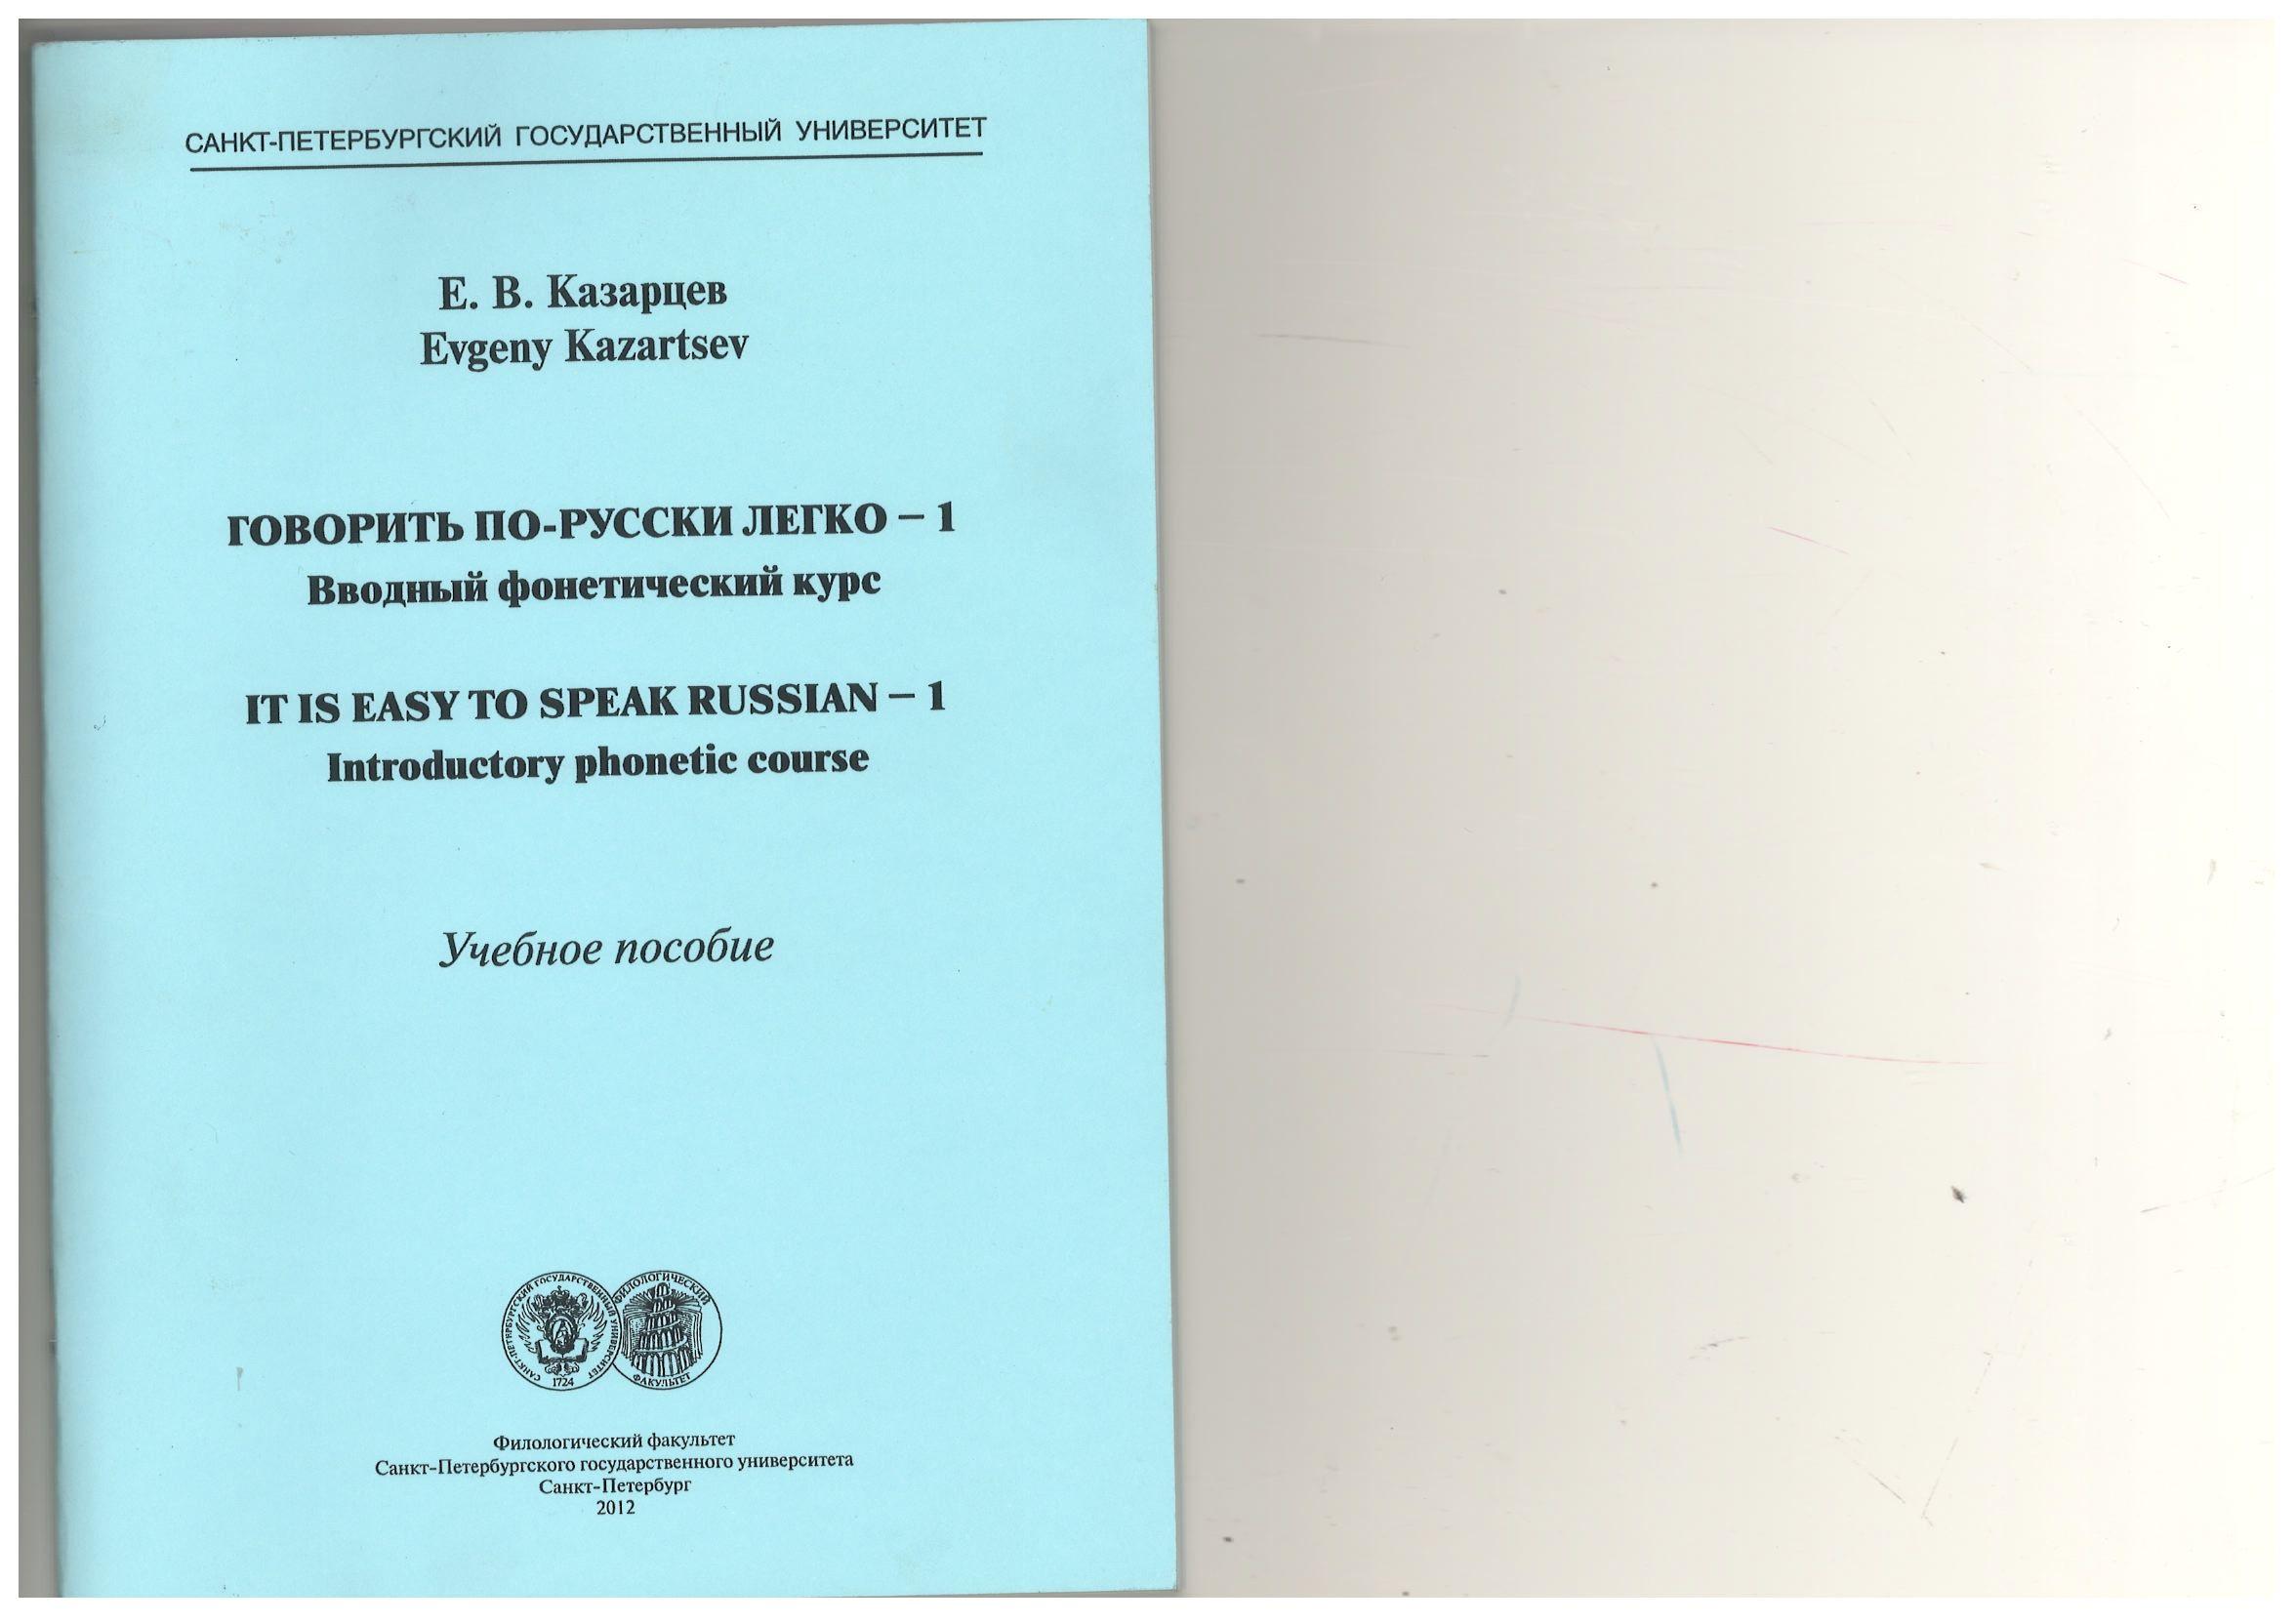 Говорить по русски легко 1: Вводный фонетический курс (It is easy to speak Russian 1: Introductory phonetic course)